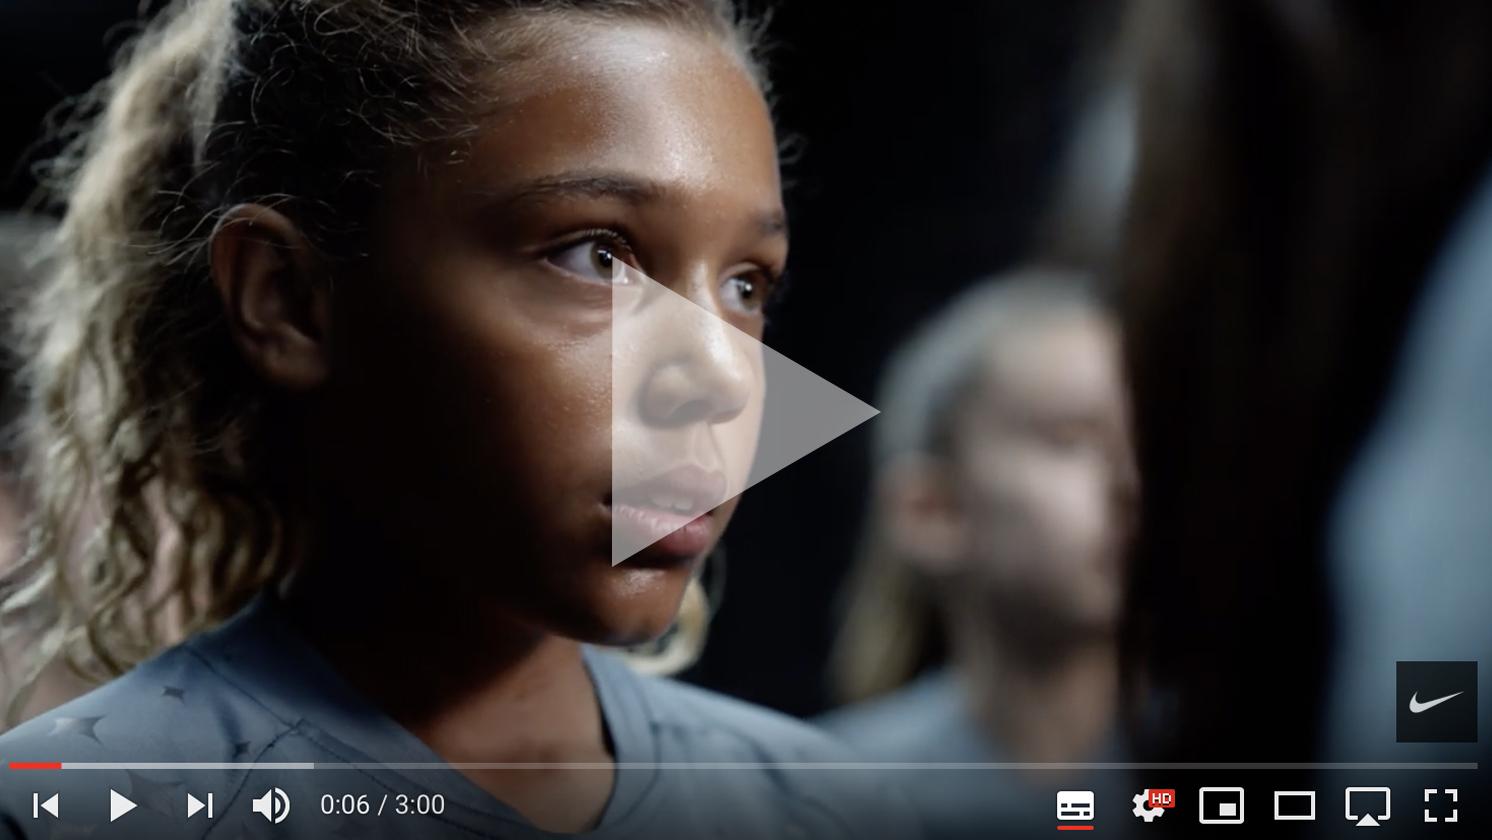 Deze afbeelding hoort bij FrankWatching Blog: Dit moet weten om jouw videos viraal te laten gaan van Stephan Makatita. Nike Commercial met Lieke Martens